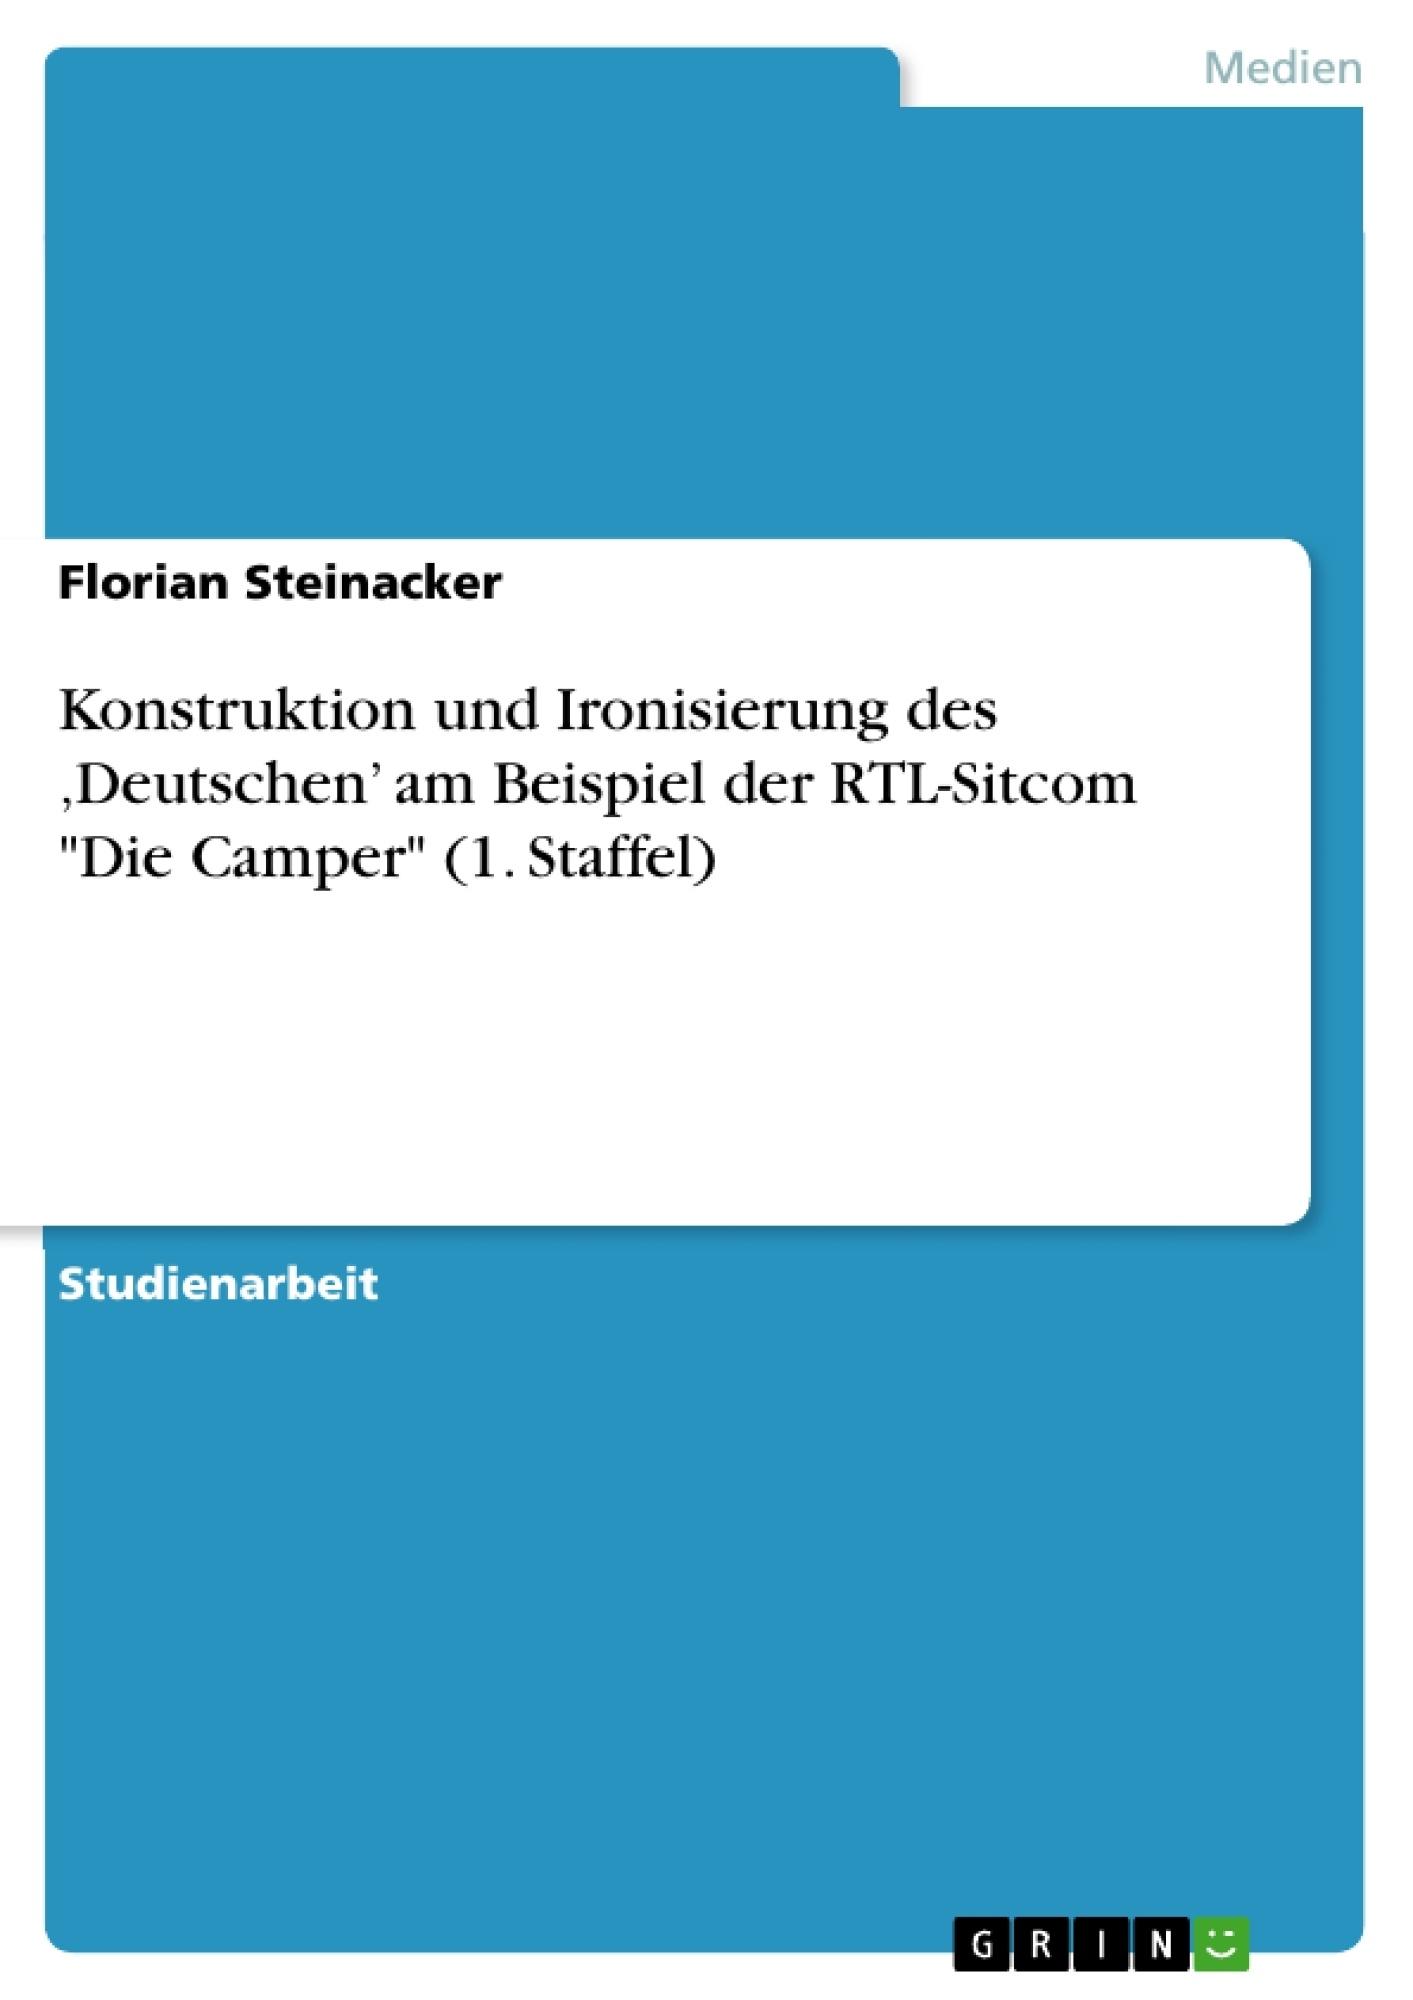 """Titel: Konstruktion und Ironisierung des 'Deutschen' am Beispiel der RTL-Sitcom """"Die Camper"""" (1. Staffel)"""